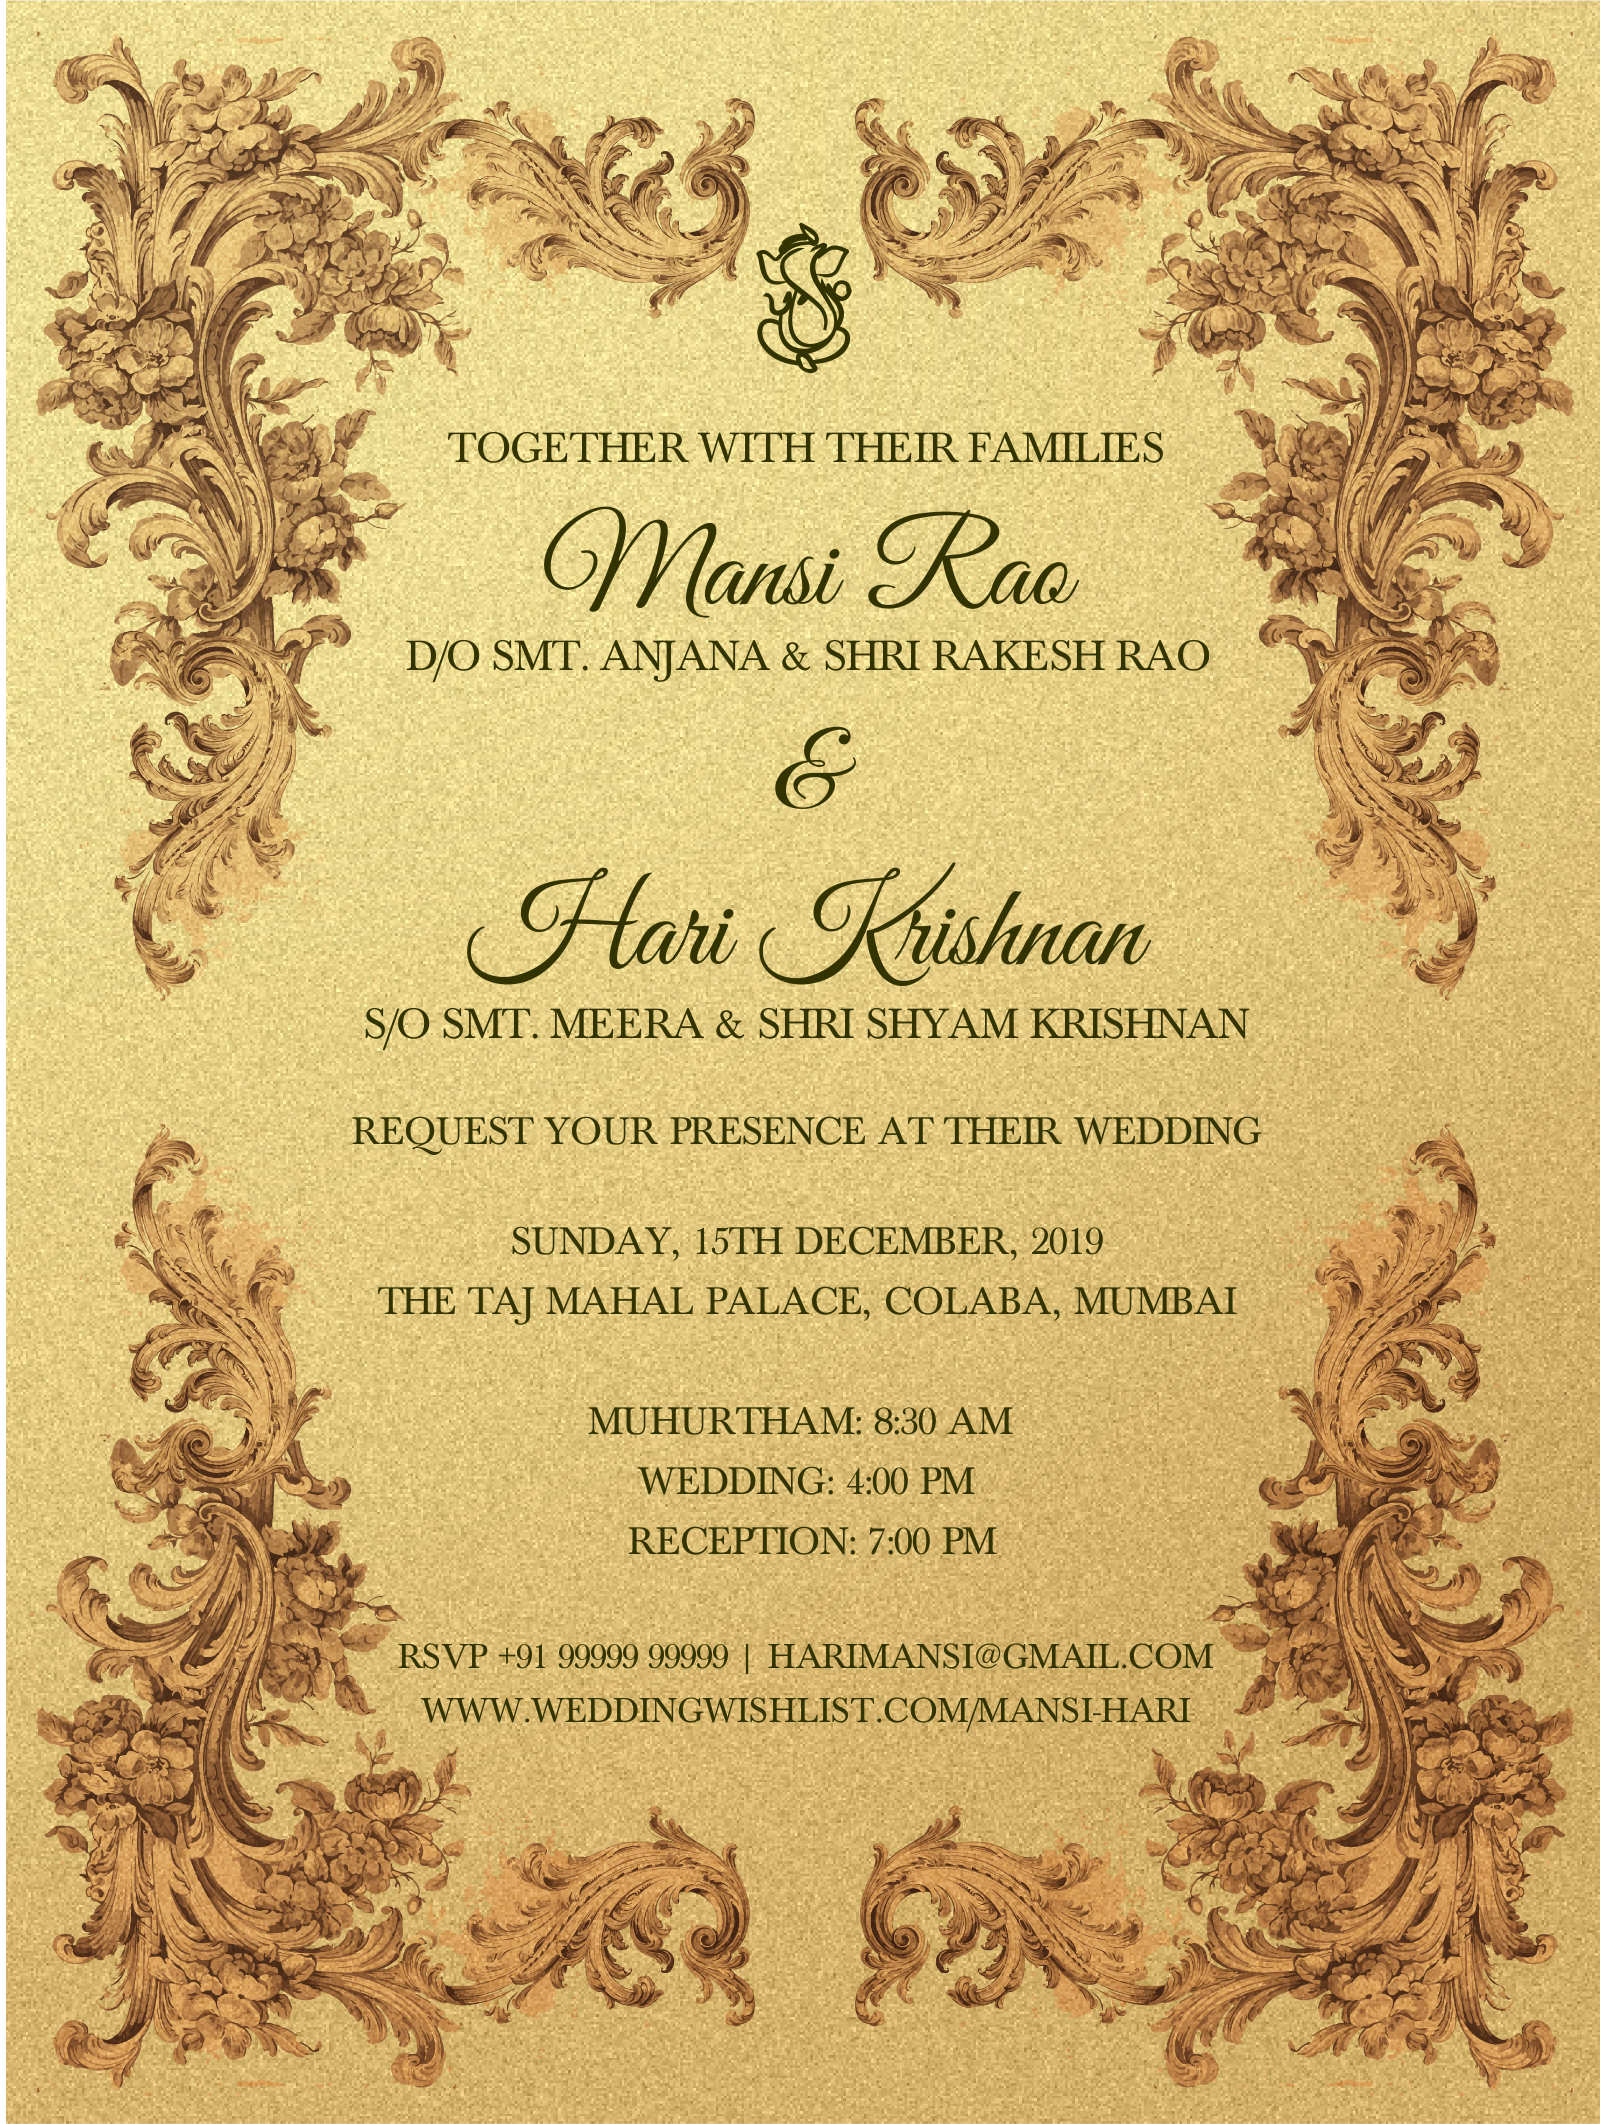 E Invite Imperial Elegance Invitations4weddings Make Wedding Invitations Wedding Reception Invitations Marriage Invitations Reception Invitations